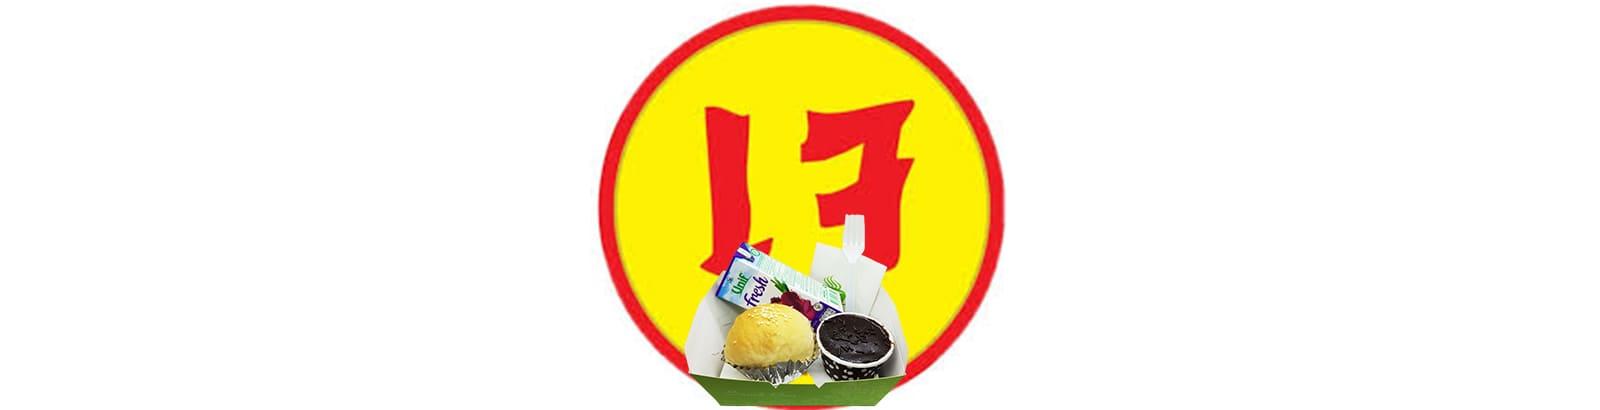 Snack box เจ ขนมเจ ธงเจ social ธงเจ ประจำตัว